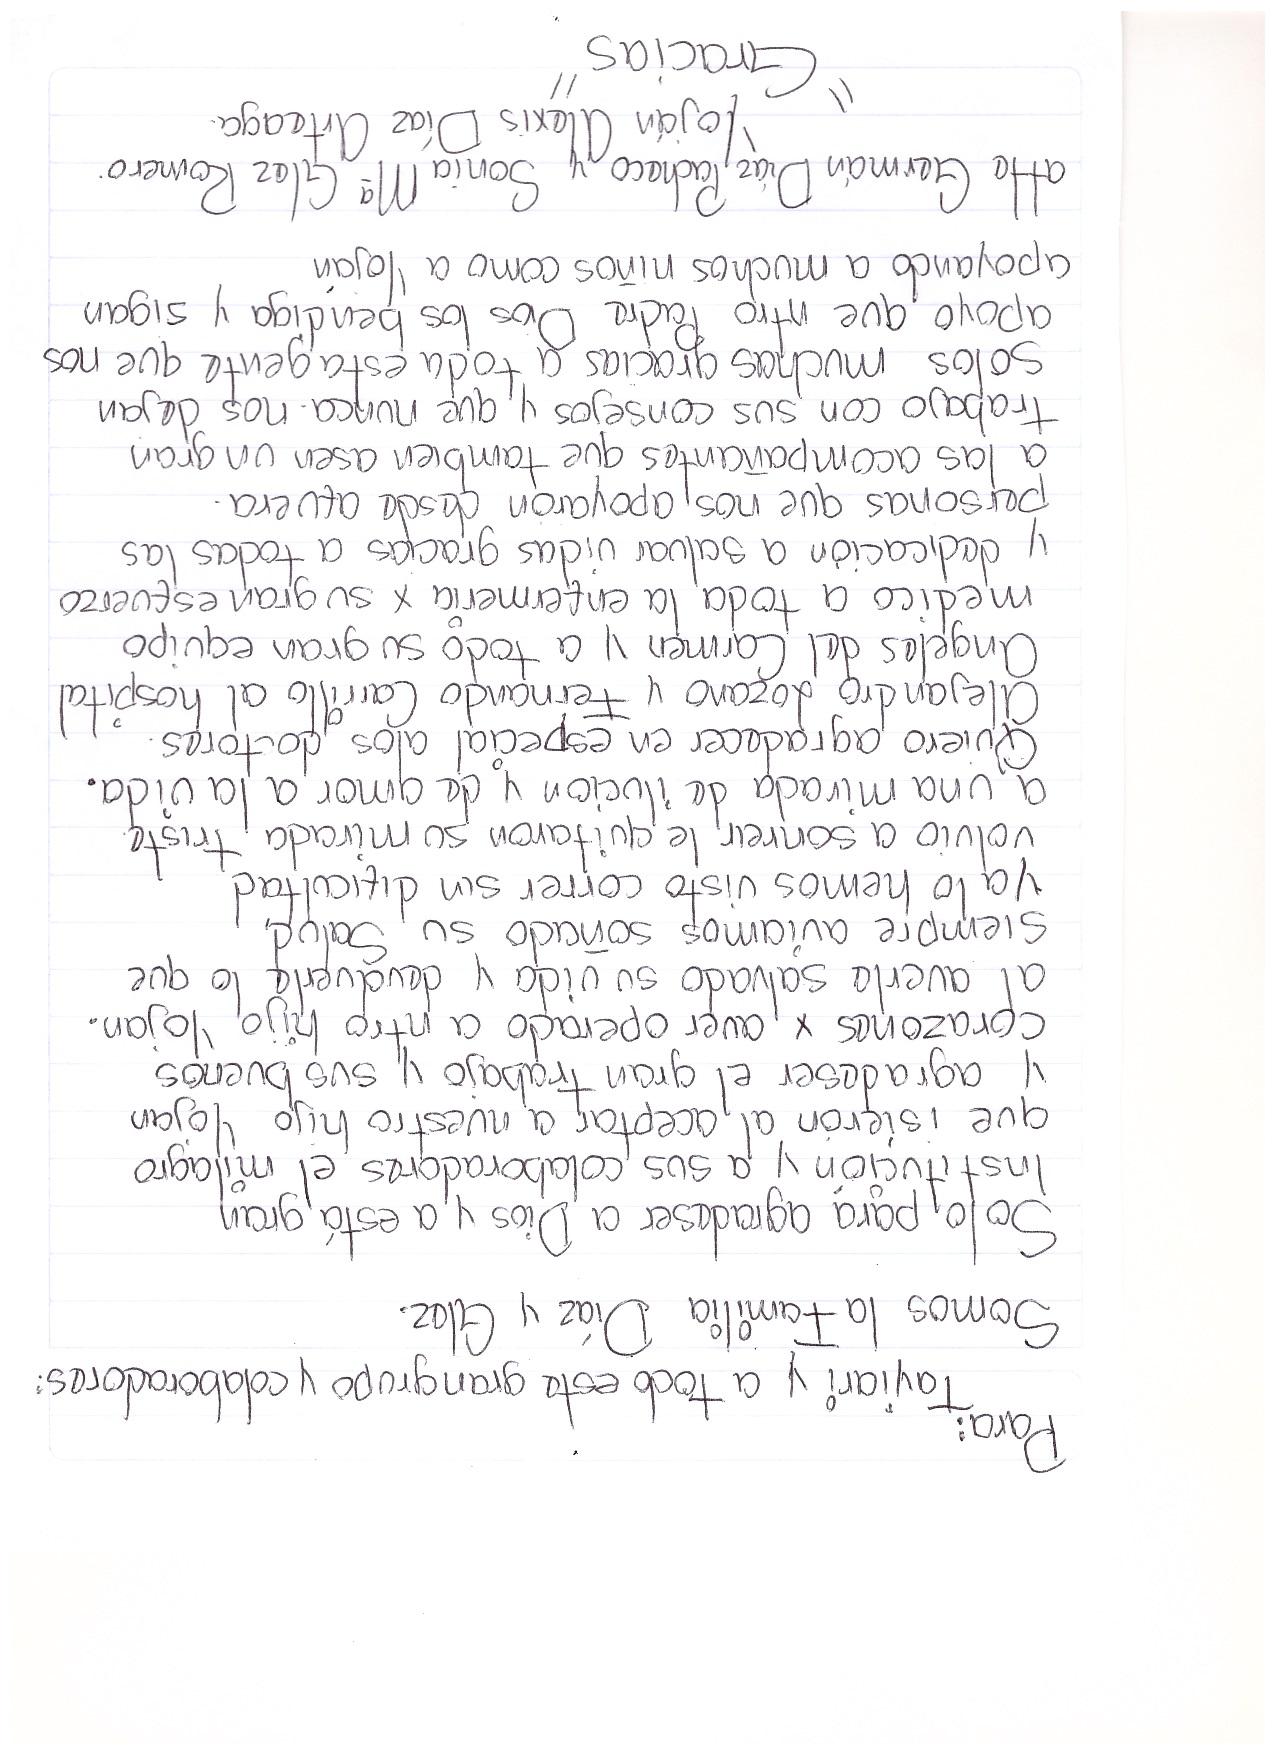 Carta papas de Yojan